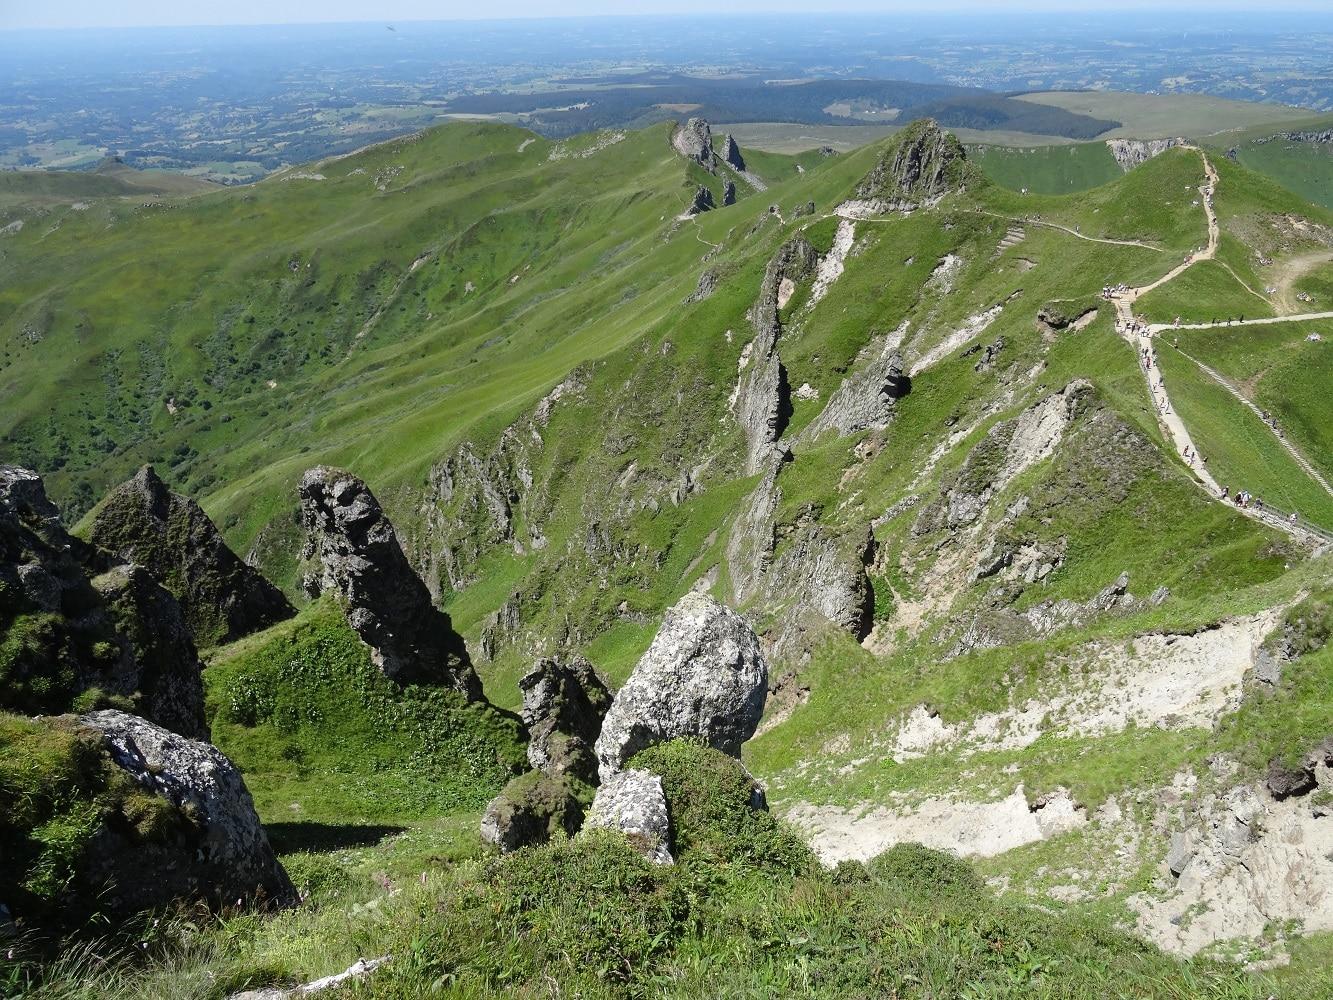 Randonnée au Puy de Sancy depuis Super Besse